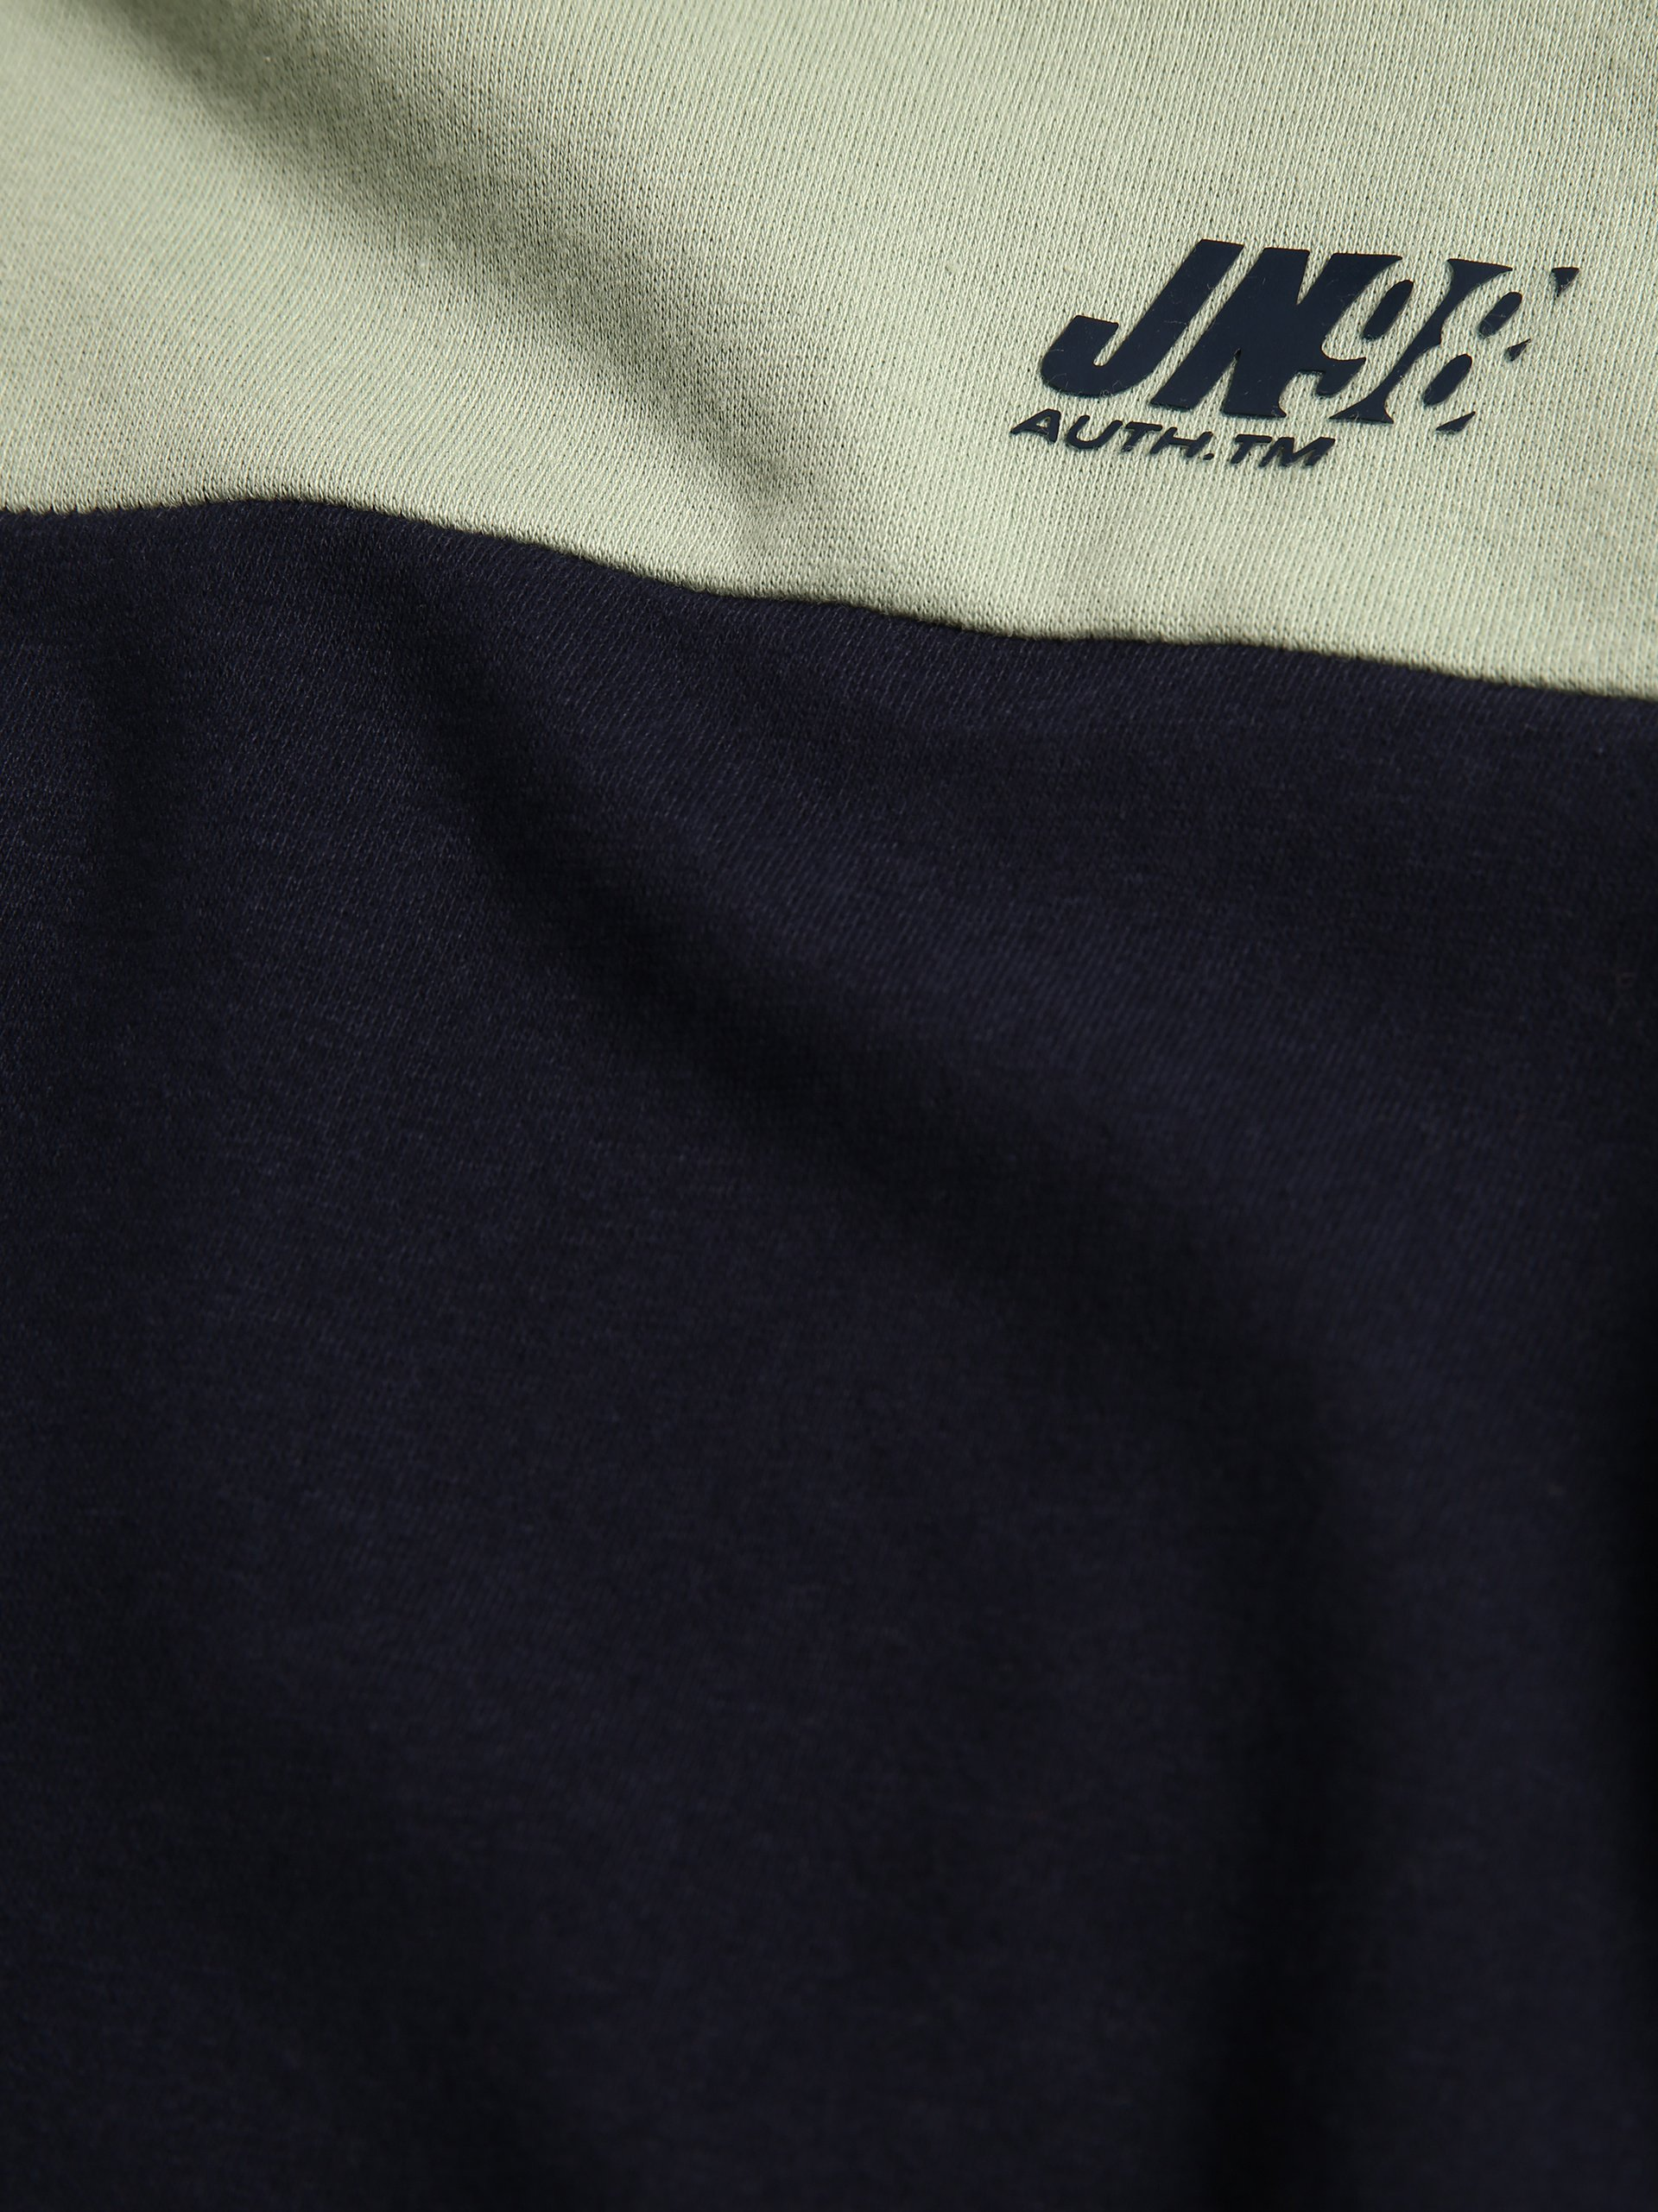 Jonas Nielsen Stockholm Jungen Sweatshirt